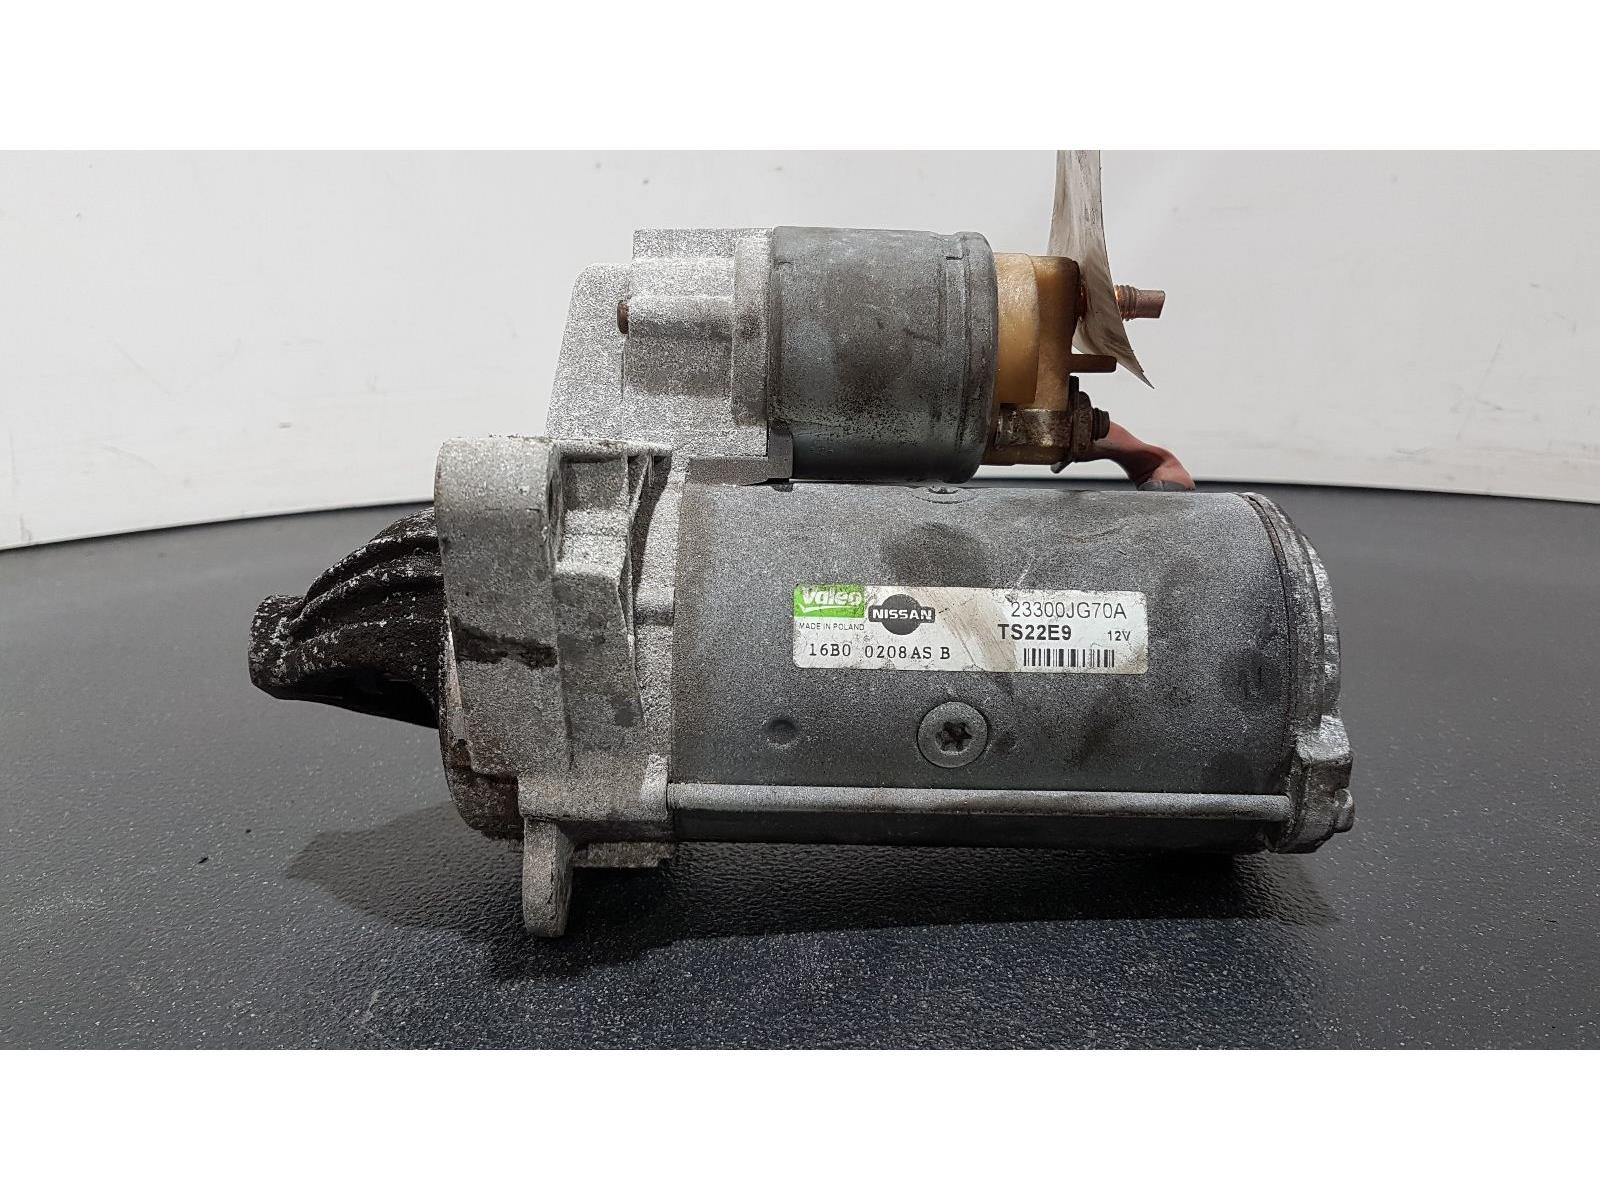 Nissan Qashqai 2010 To 2013 2.0 Diesel Starter Motor 23300JG70A